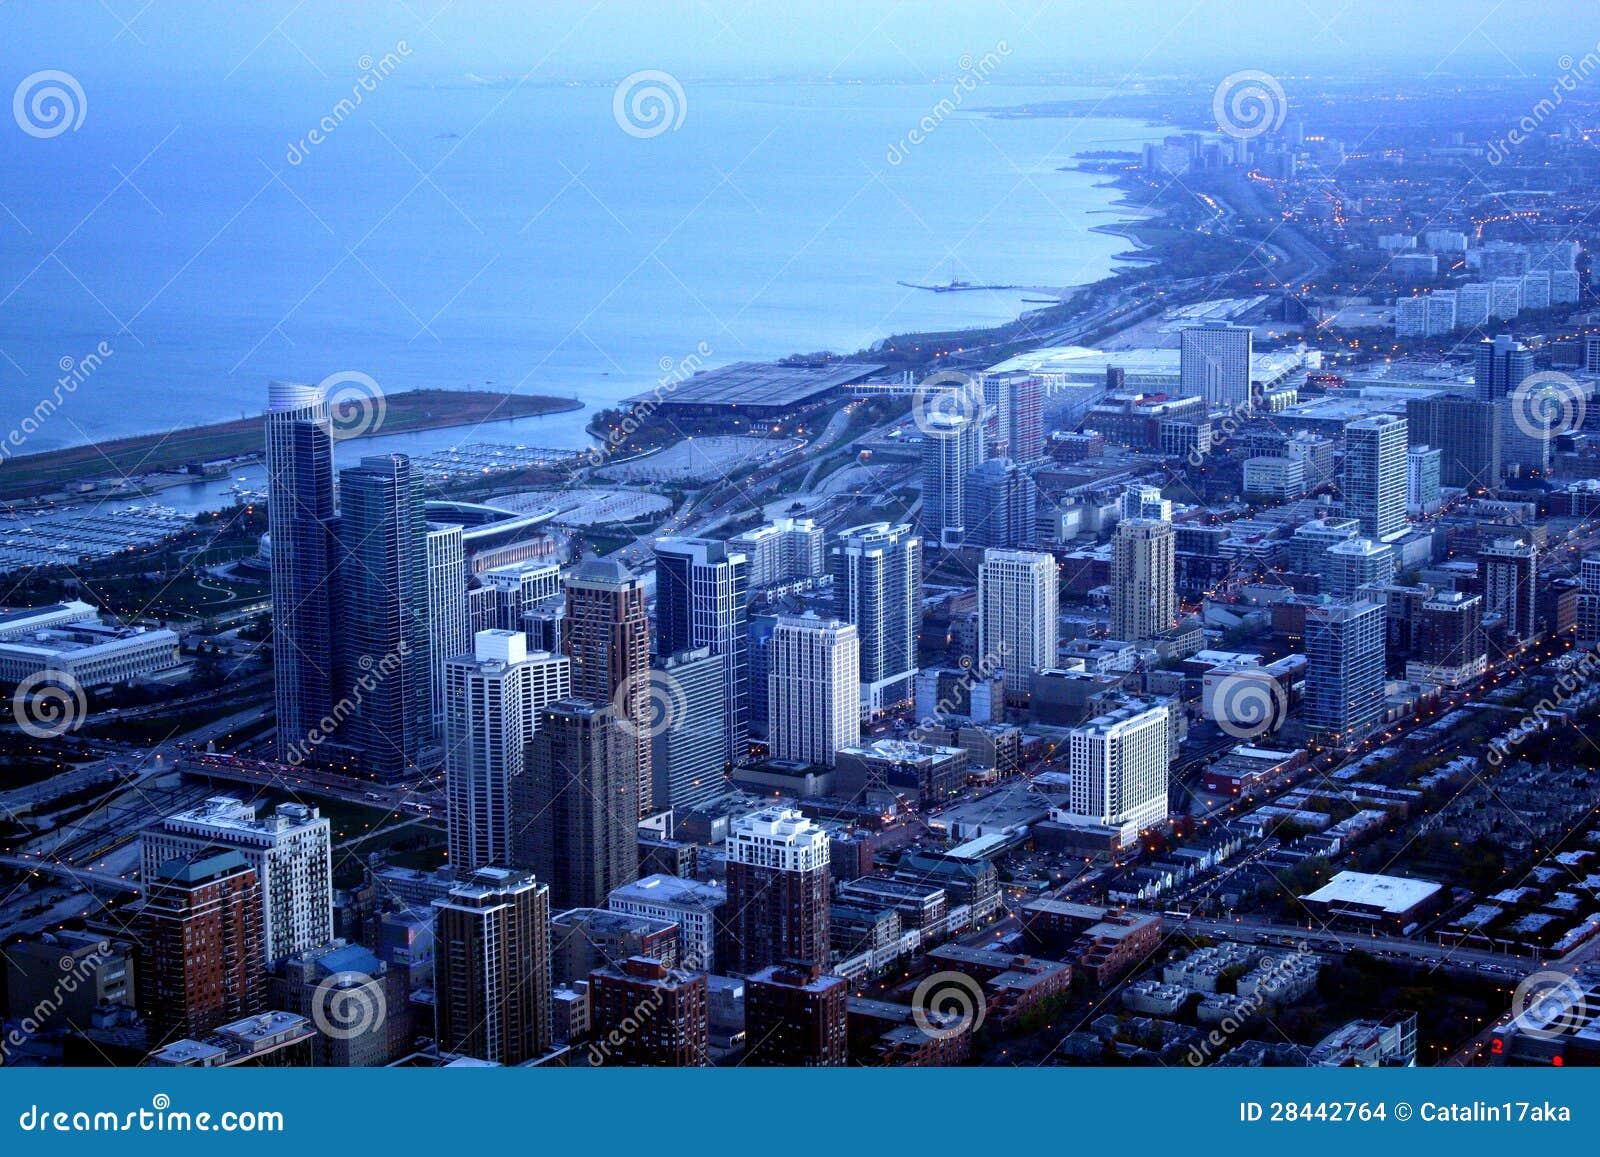 Chicago landscape stock images image 28442764 for Chicago landscape